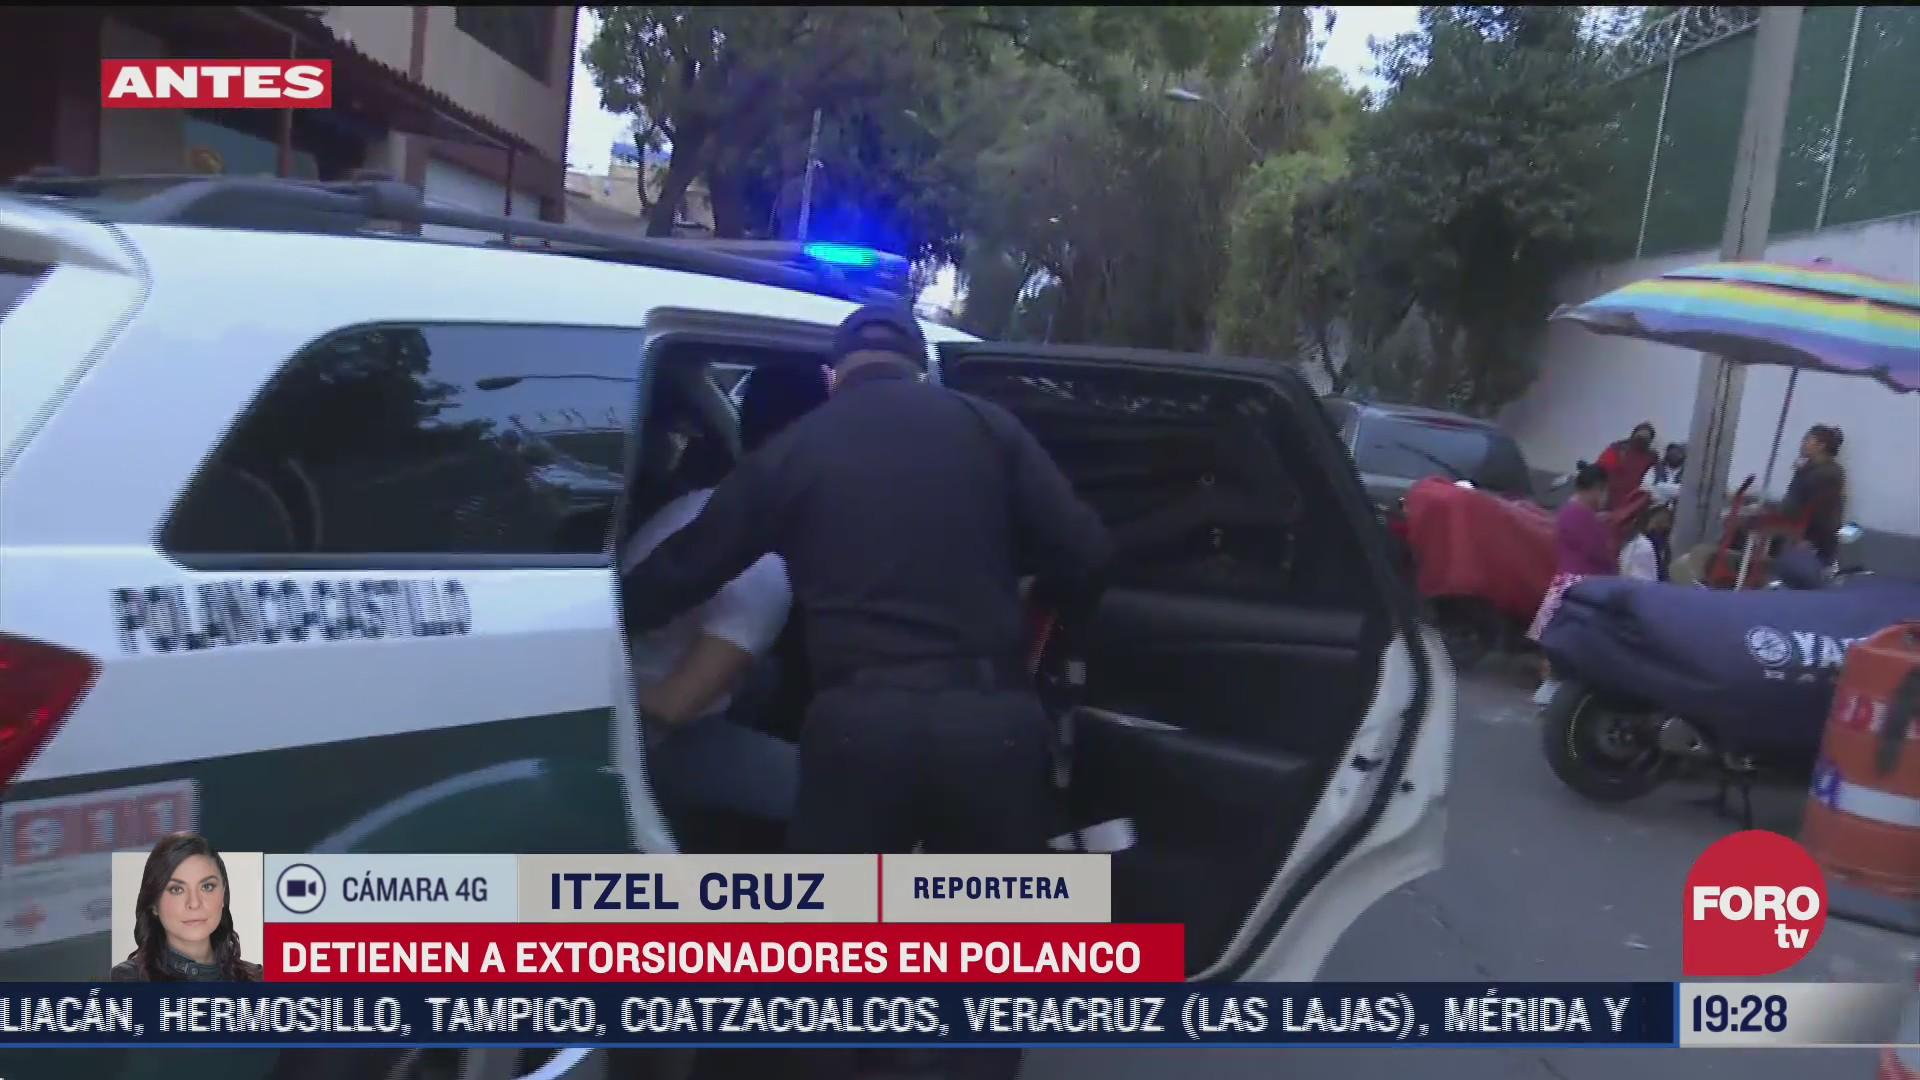 detención de extorsionadores en Polanco, CDMX